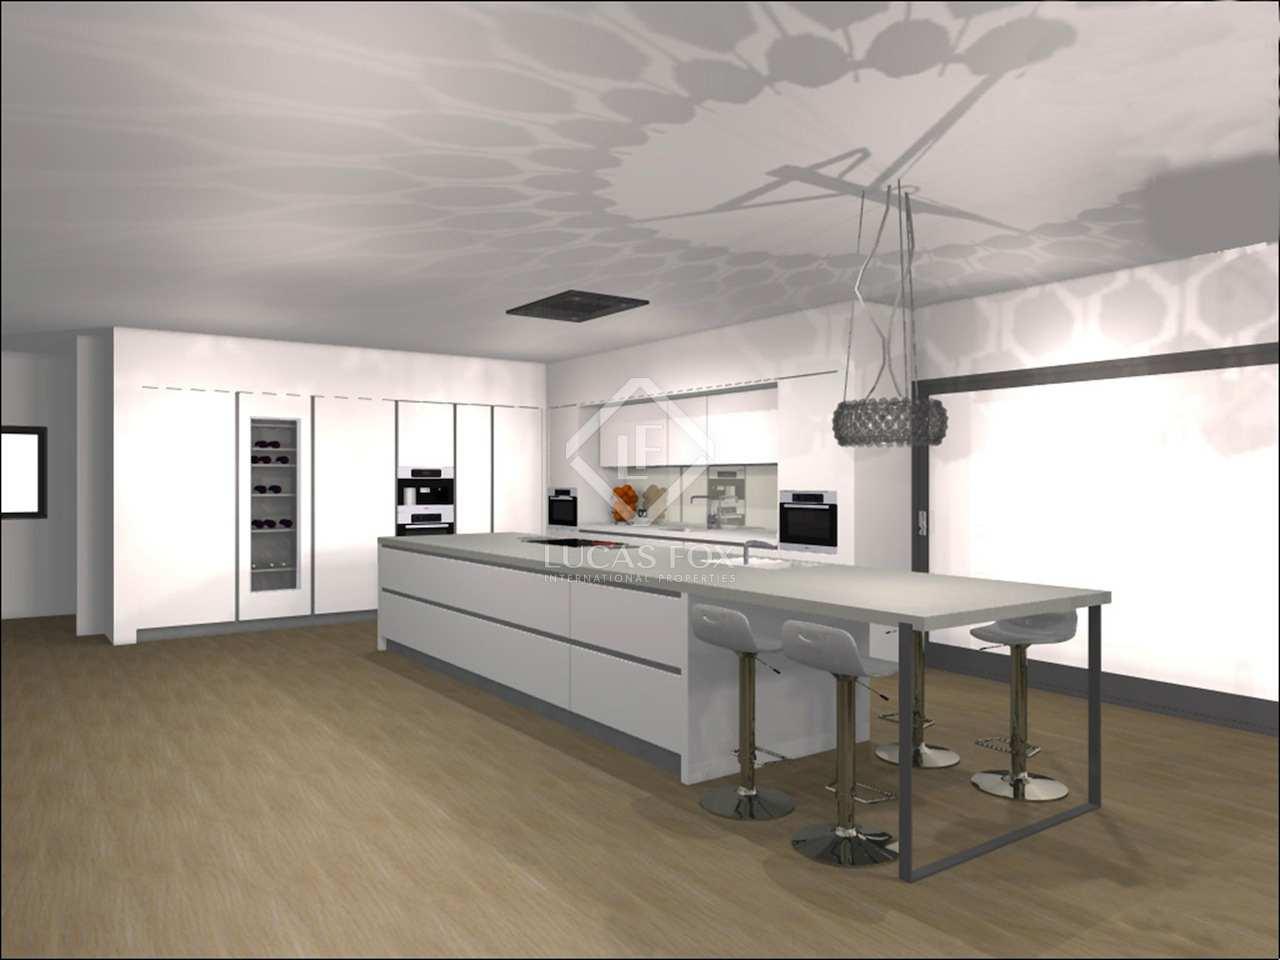 neubau im landhausstil zum verkauf in nordwest mallorca. Black Bedroom Furniture Sets. Home Design Ideas